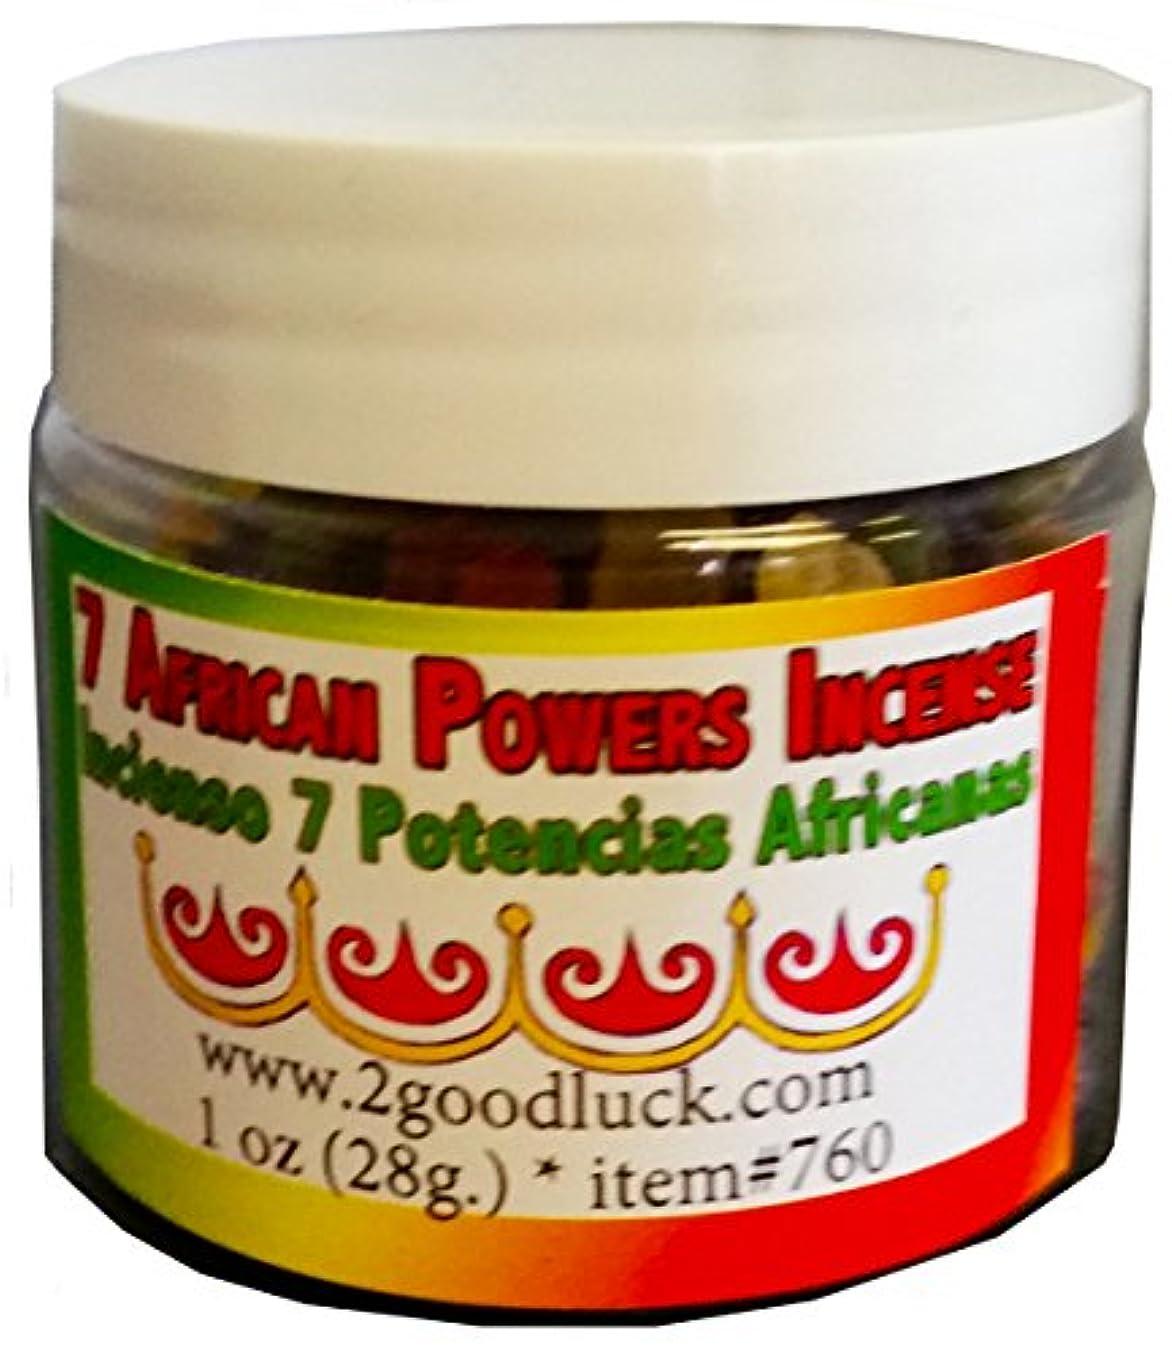 緯度応援するバスルーム 7 African Powers